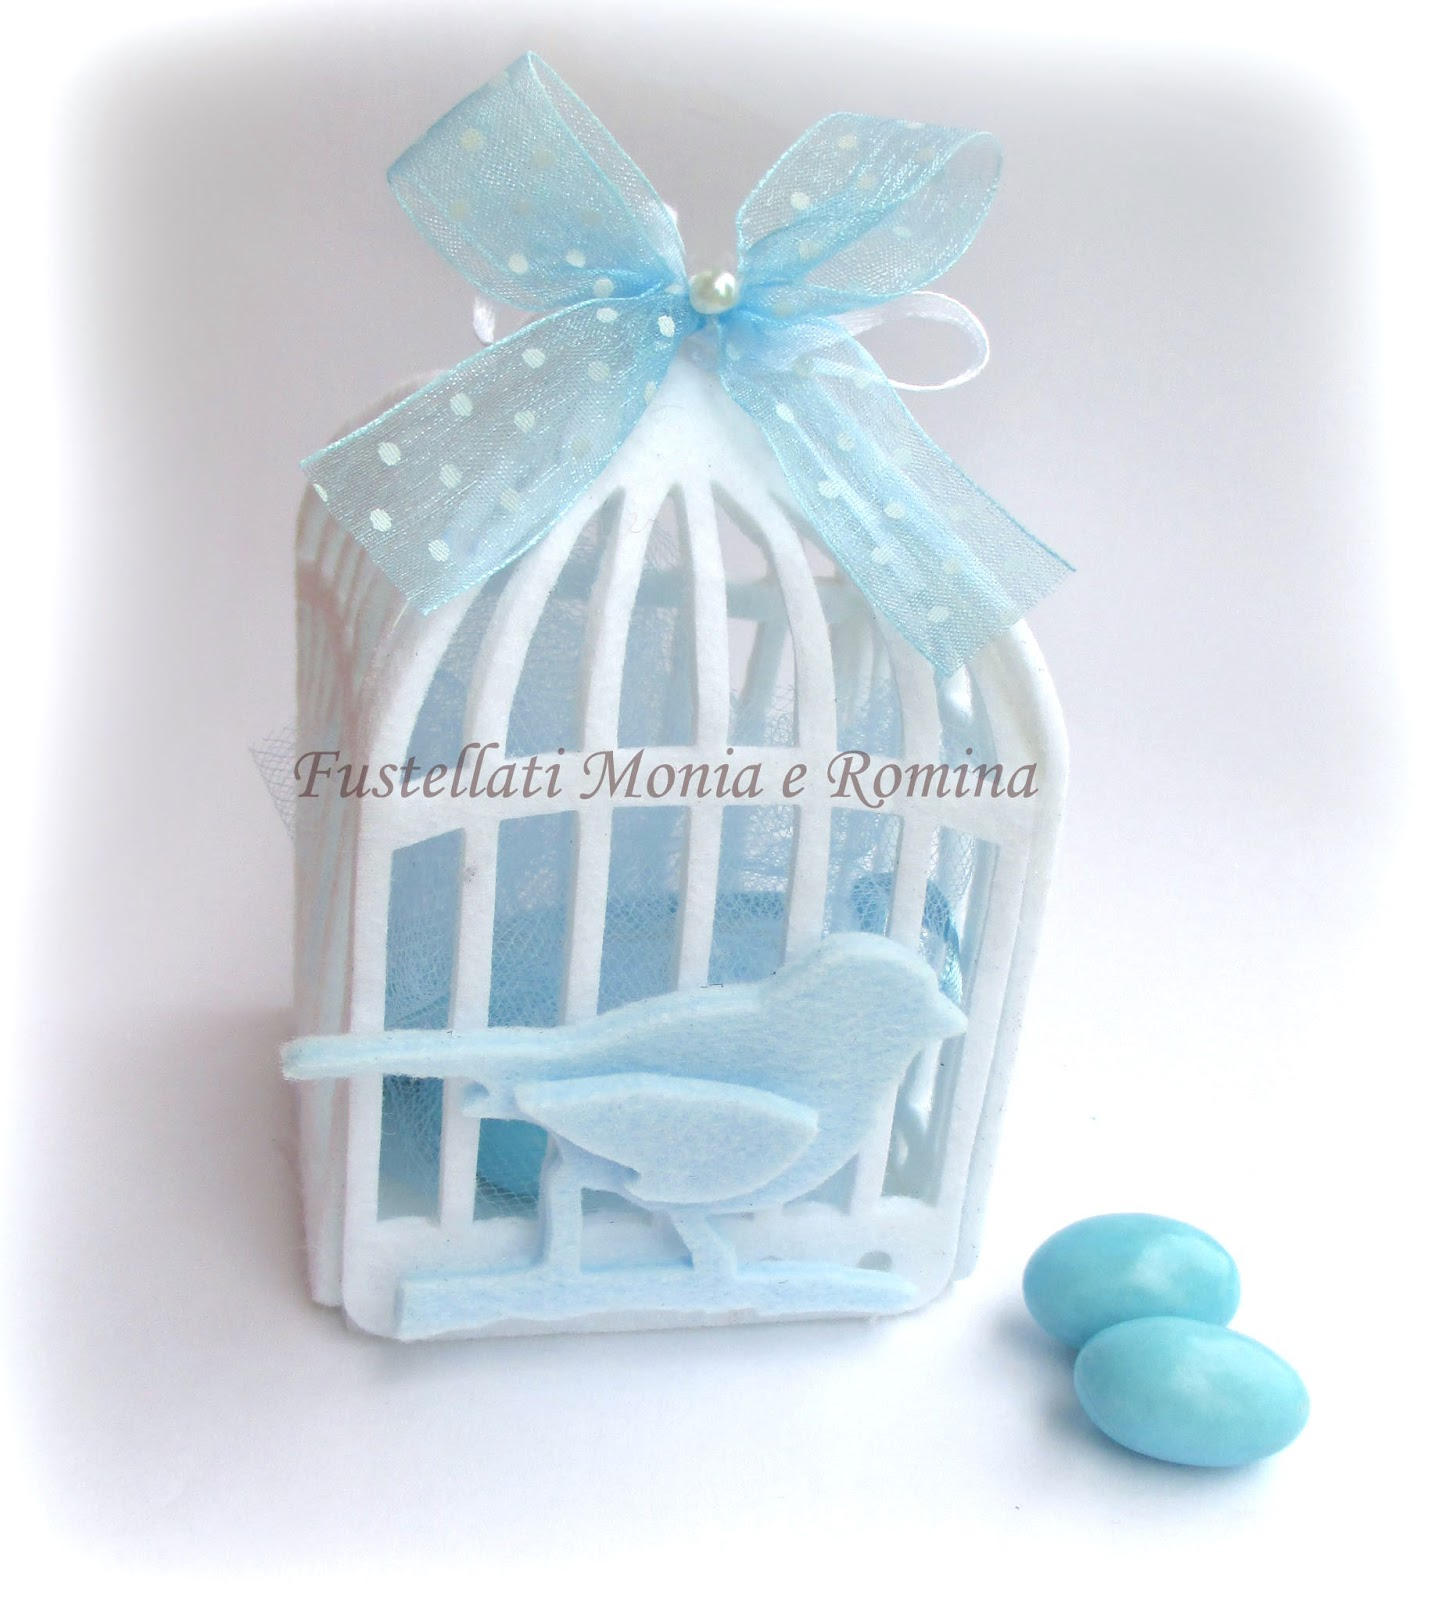 Trendy awesome matrimonio idee confetti bomboniera fai da te idee per creare bomboniere o - Decorazioni battesimo fai da te ...